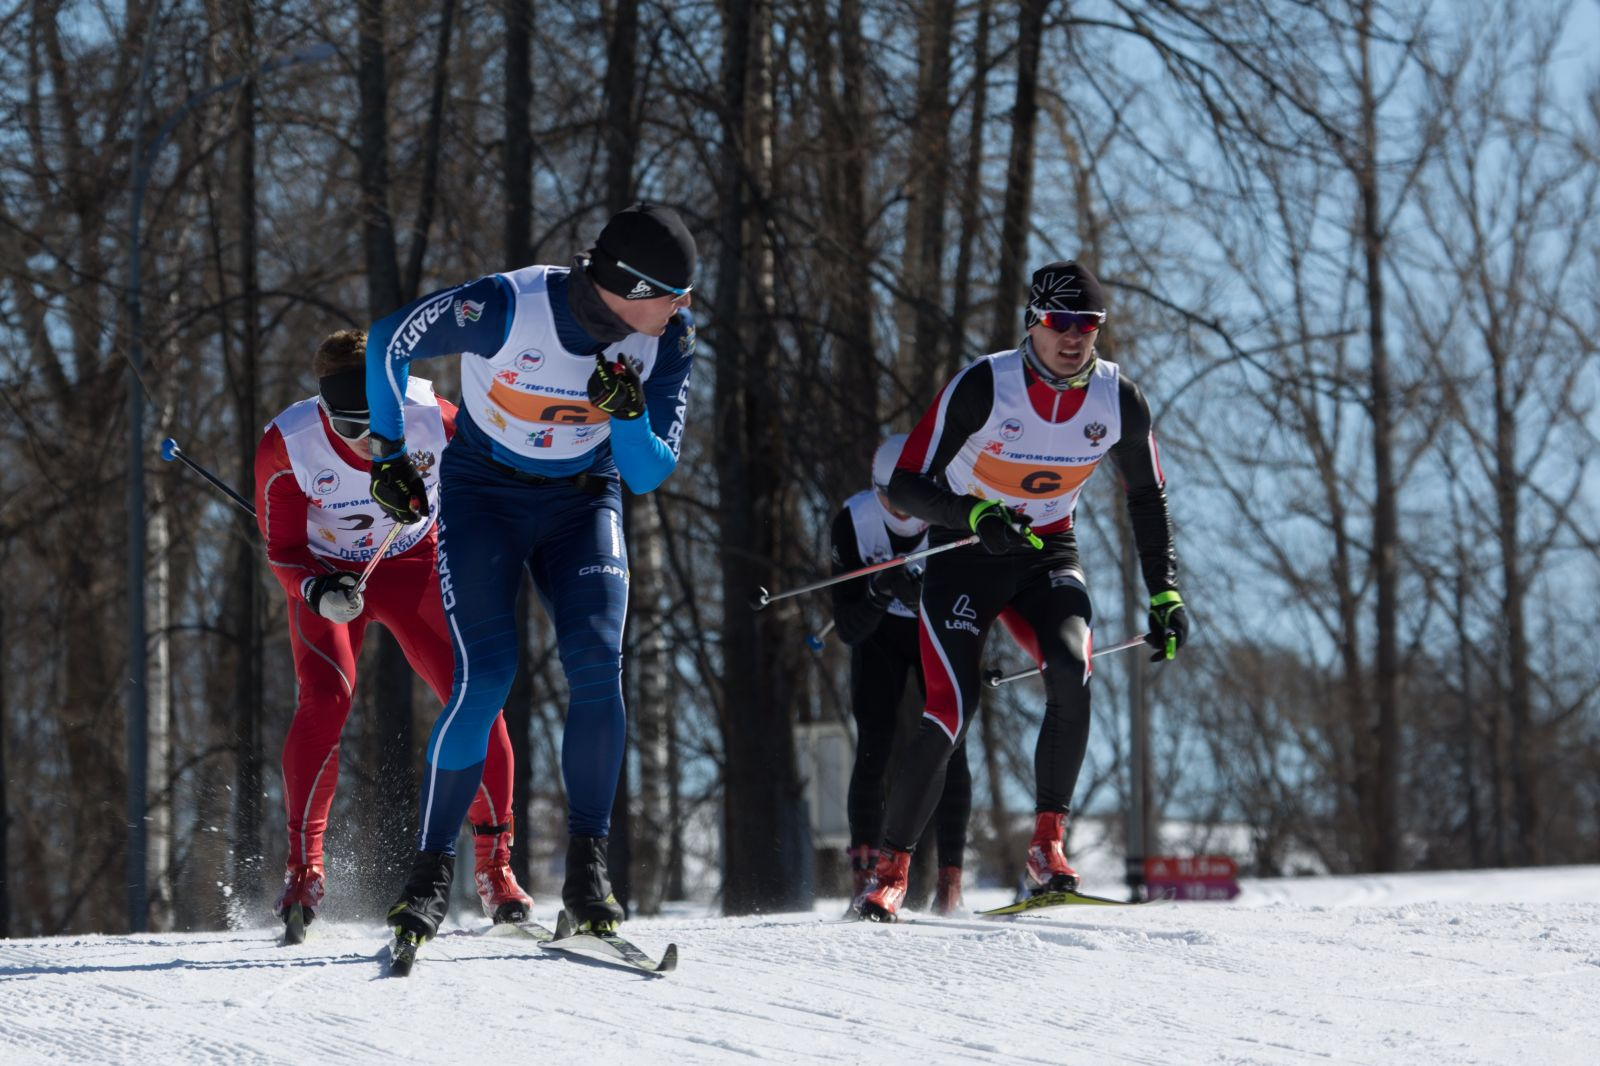 В Пермском крае проходит чемпионат и первенство России по лыжным гонкам и биатлону спорта слепых